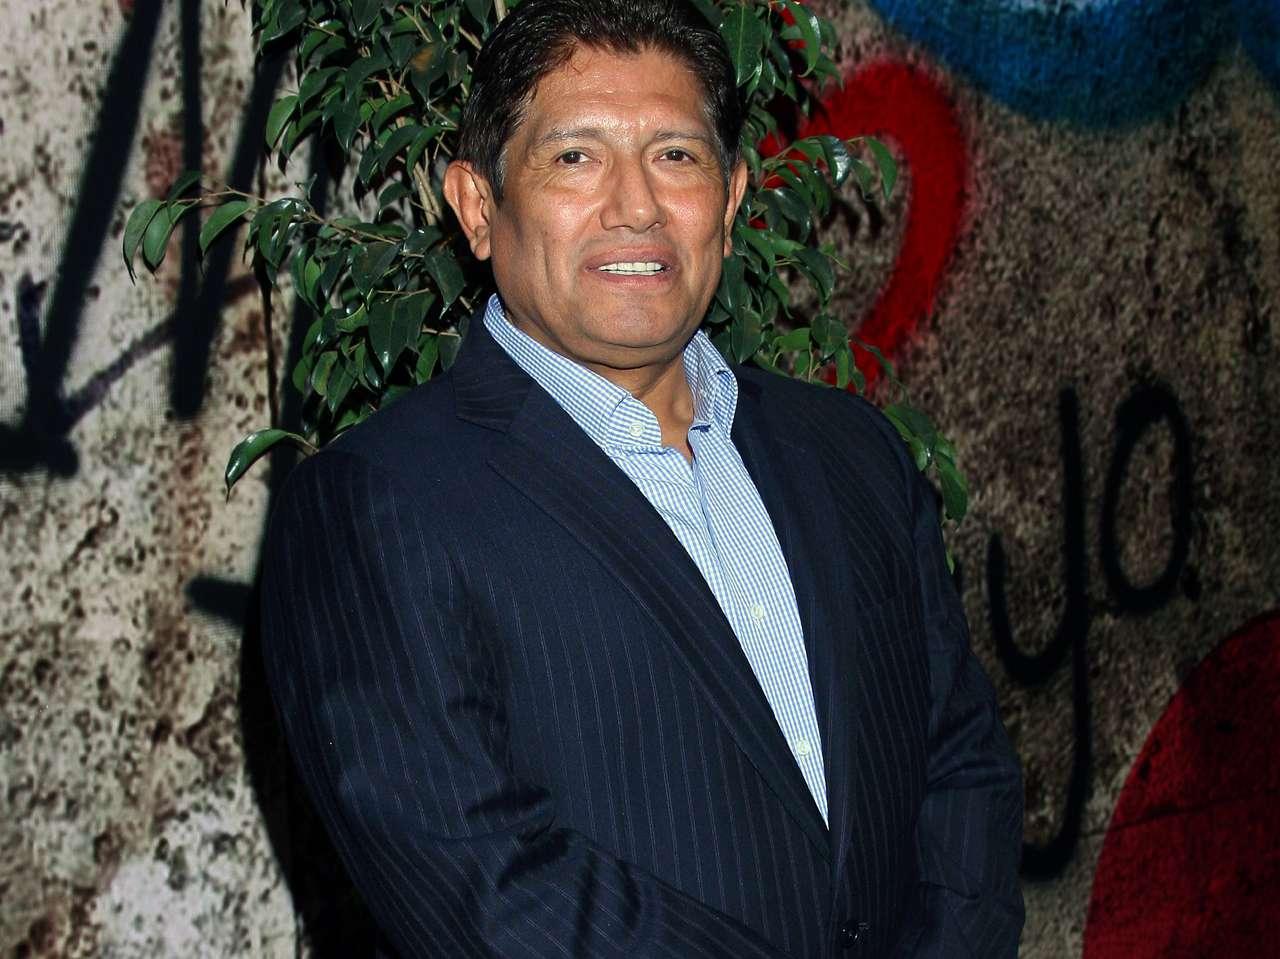 Juan Osorio mencionó que a está transmisión también acudirá su hijo Emilio, a fin de hacer un programa muy familiar. Foto: Medios y Media